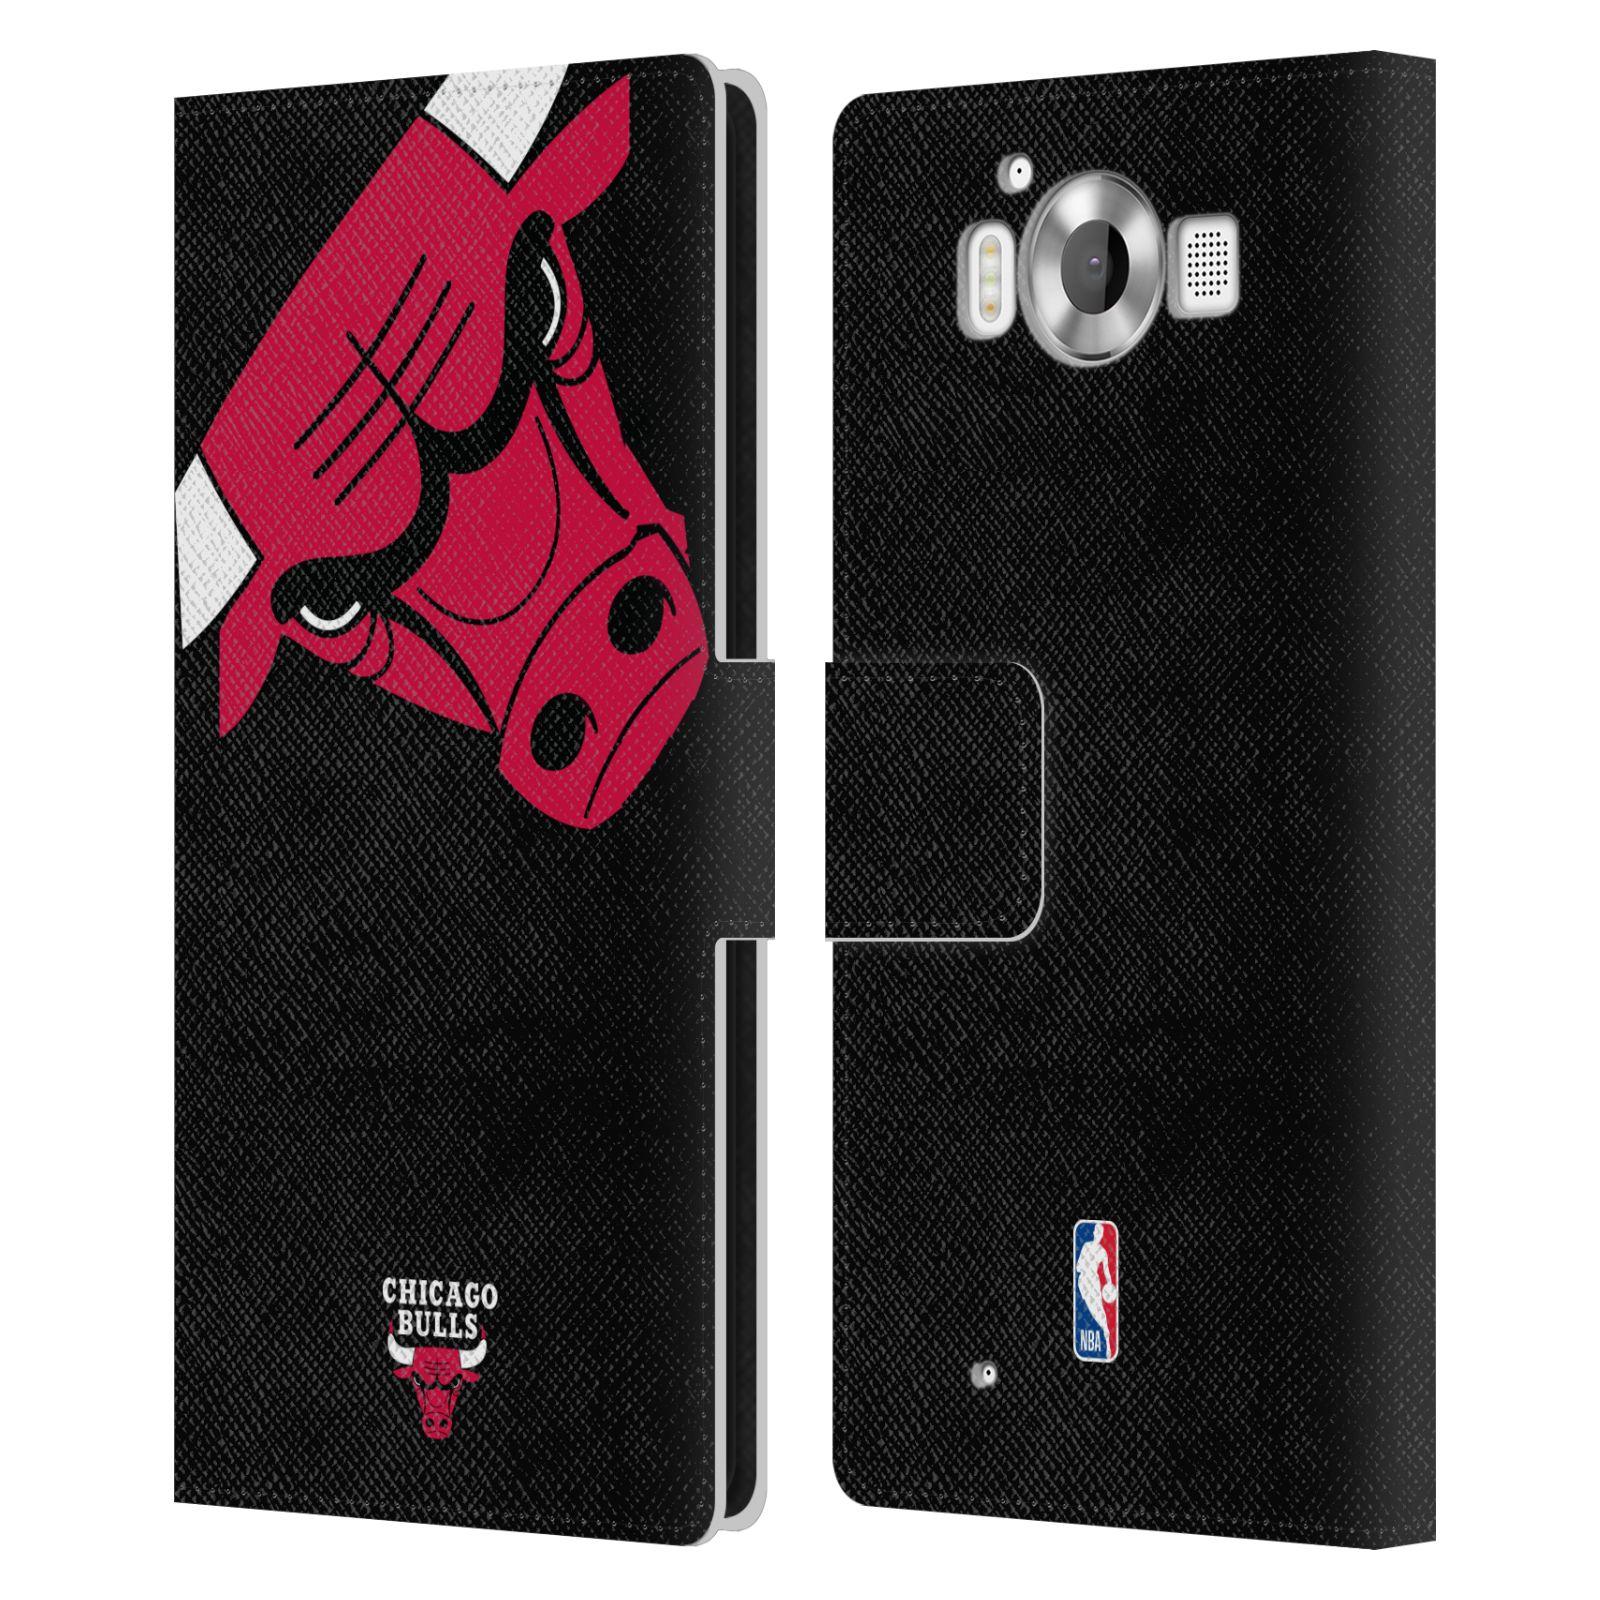 Pouzdro na mobil Nokia Lumia 950 - Head Case -NBA - Chicago Bulls červená barva velký znak